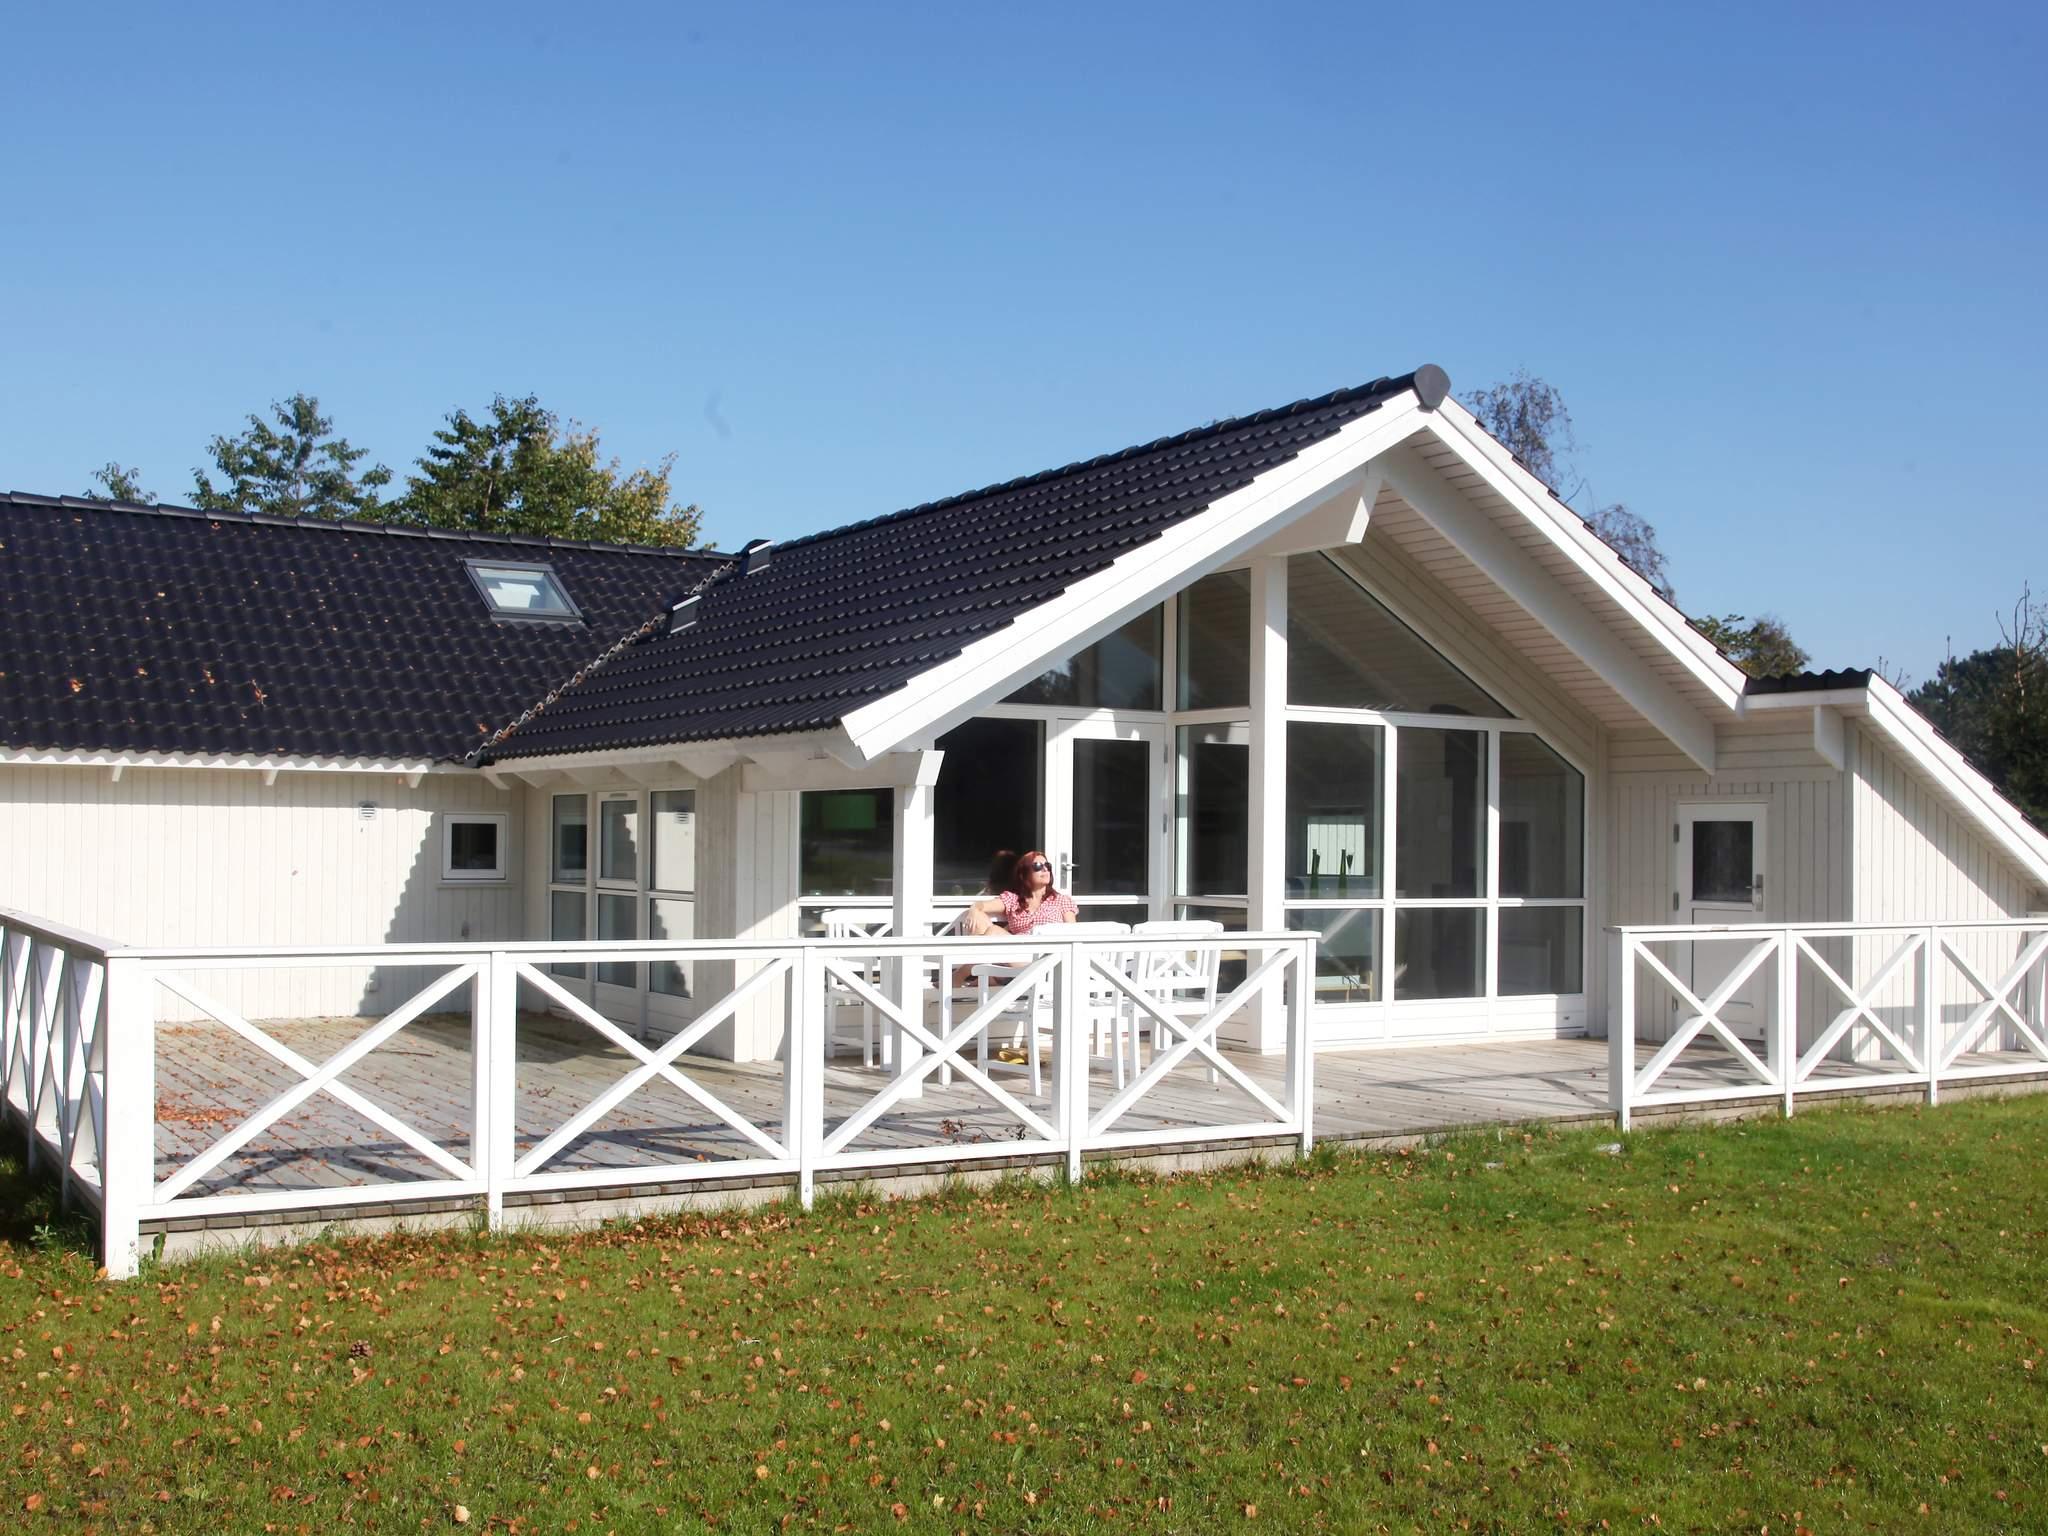 Ferienhaus Vellerup Sommerby (428200), Vellerup, , Nordseeland, Dänemark, Bild 1